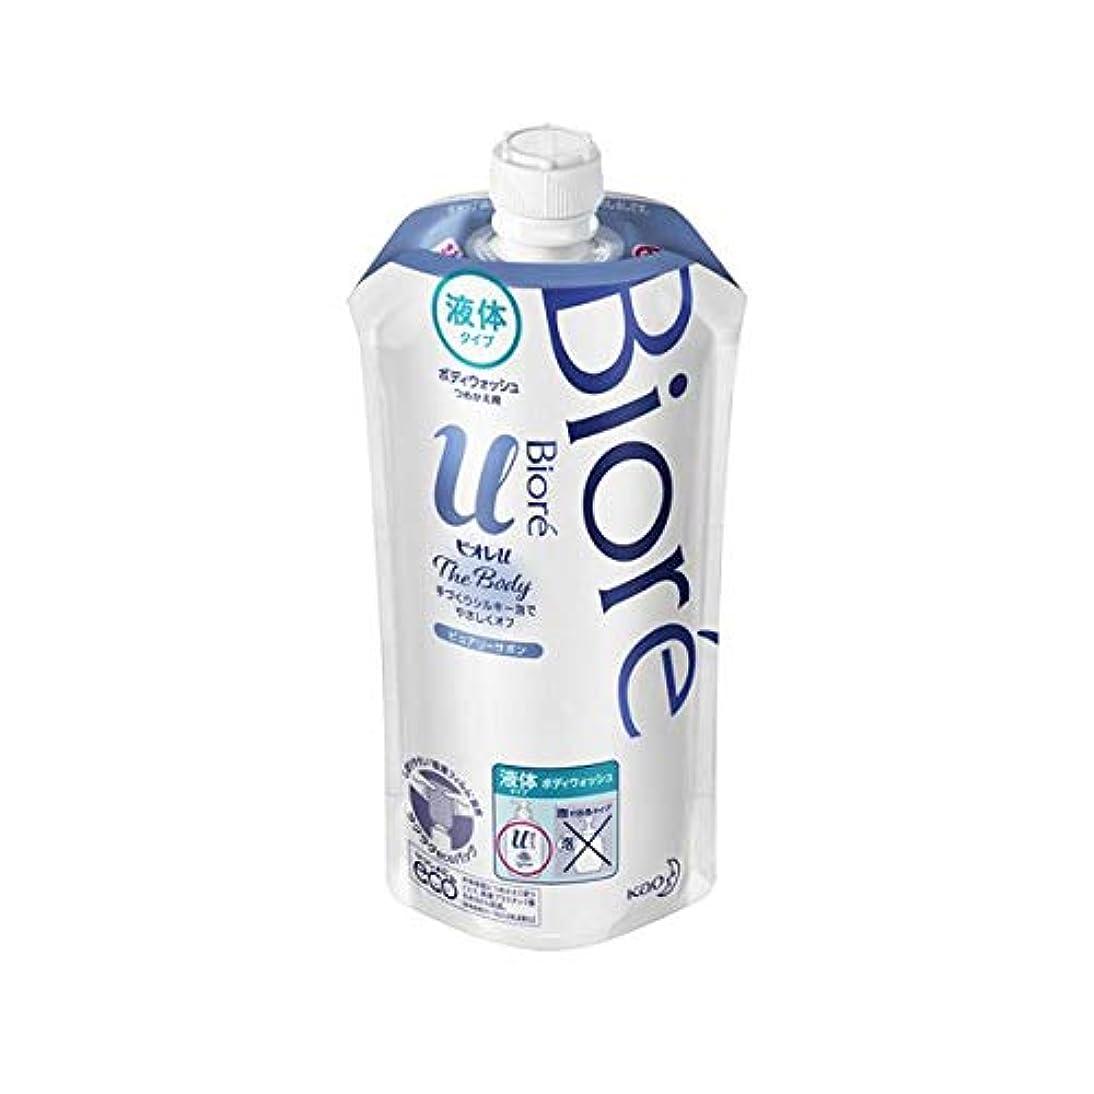 原始的なツイン前書き花王 ビオレu ザ ボディ液体ピュアリーサボンの香り 詰替え用 340ml